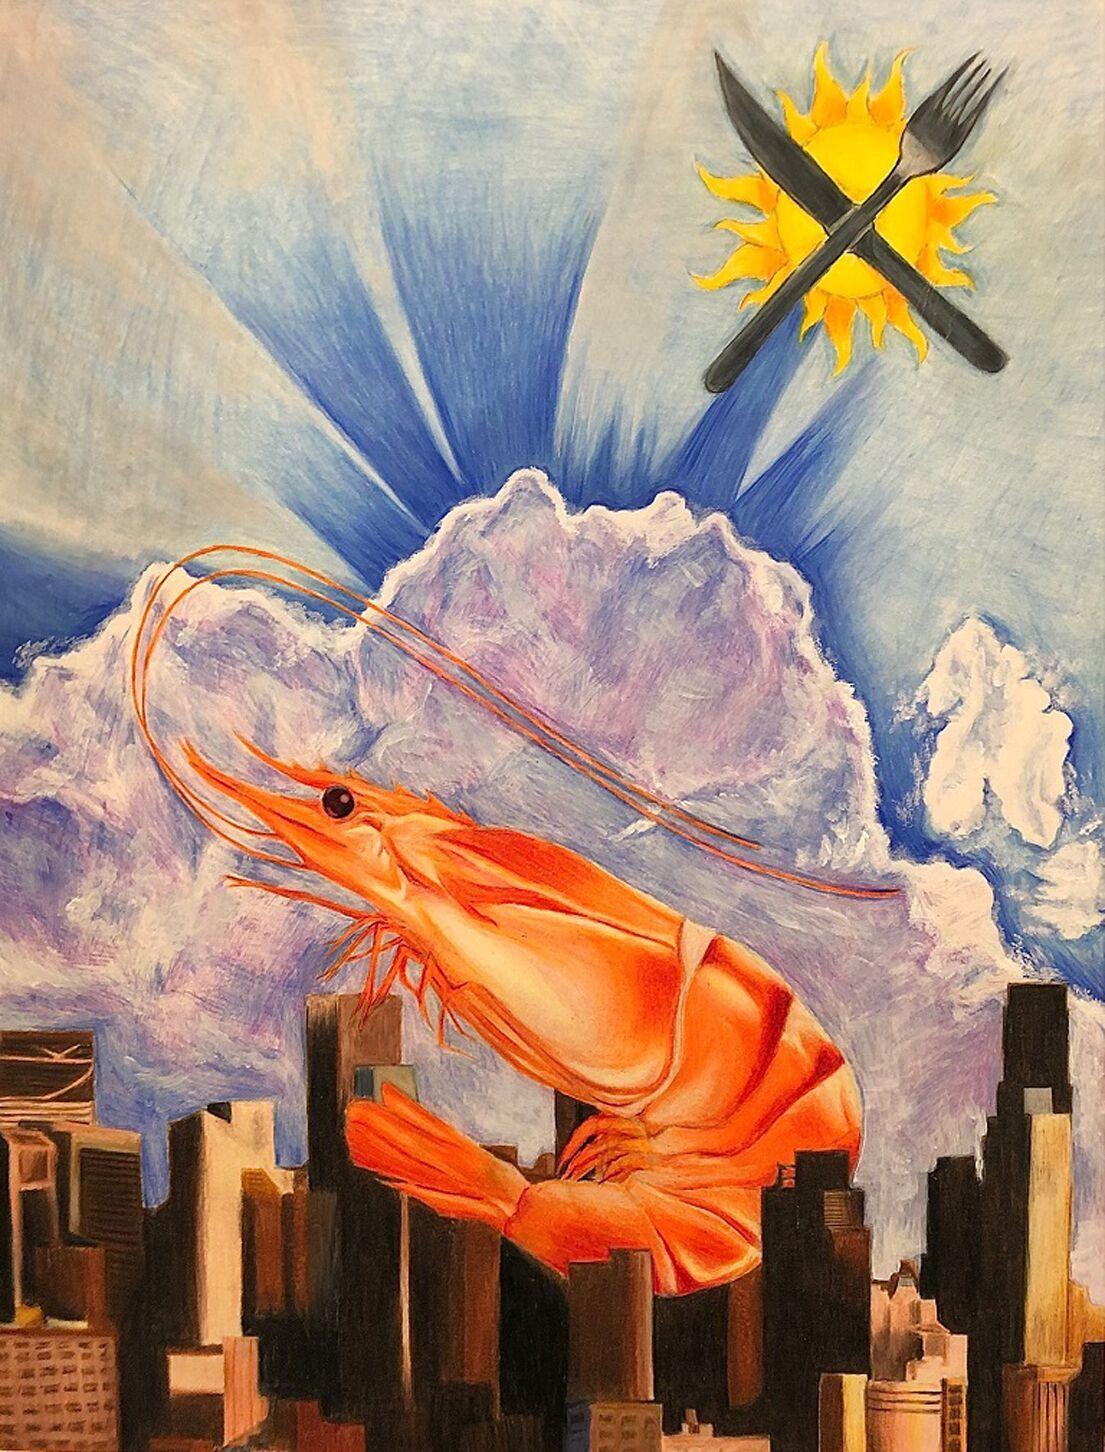 0426 art students Danelia Manriquez Colored Pencil 18x24 Salida High School .tif